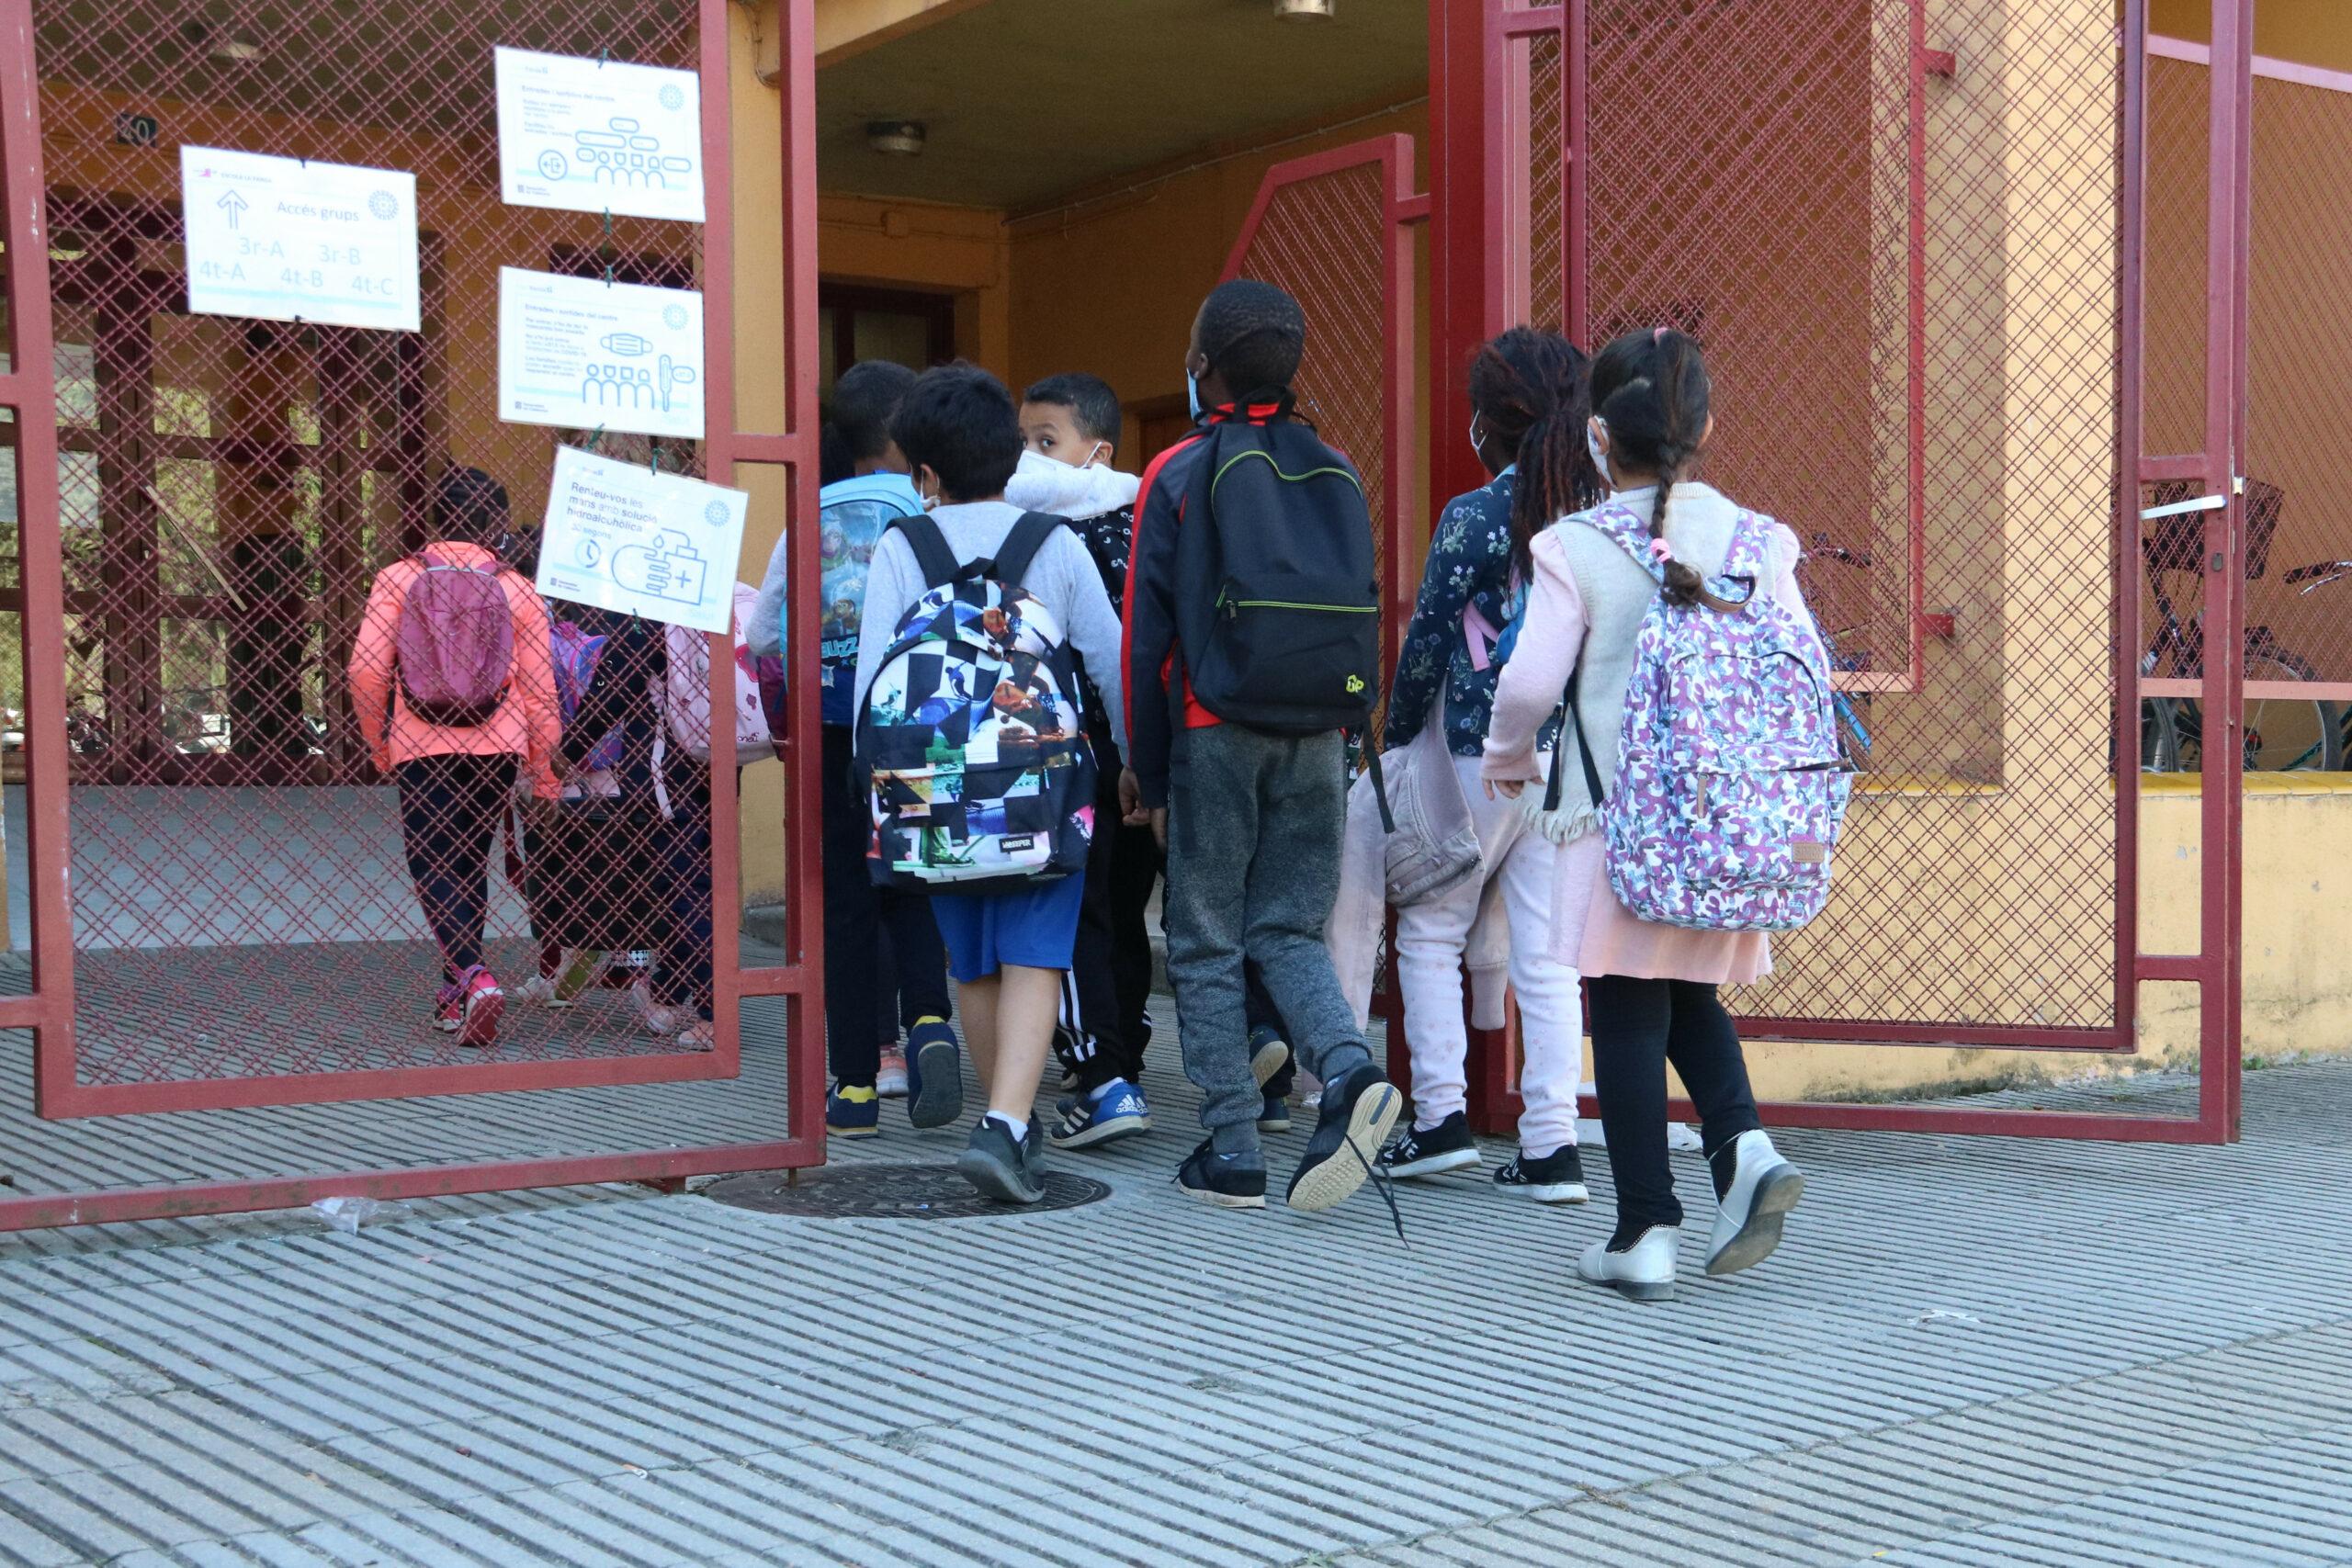 Uns alumnes entrant a l'escola la Farga de Salt | ACN